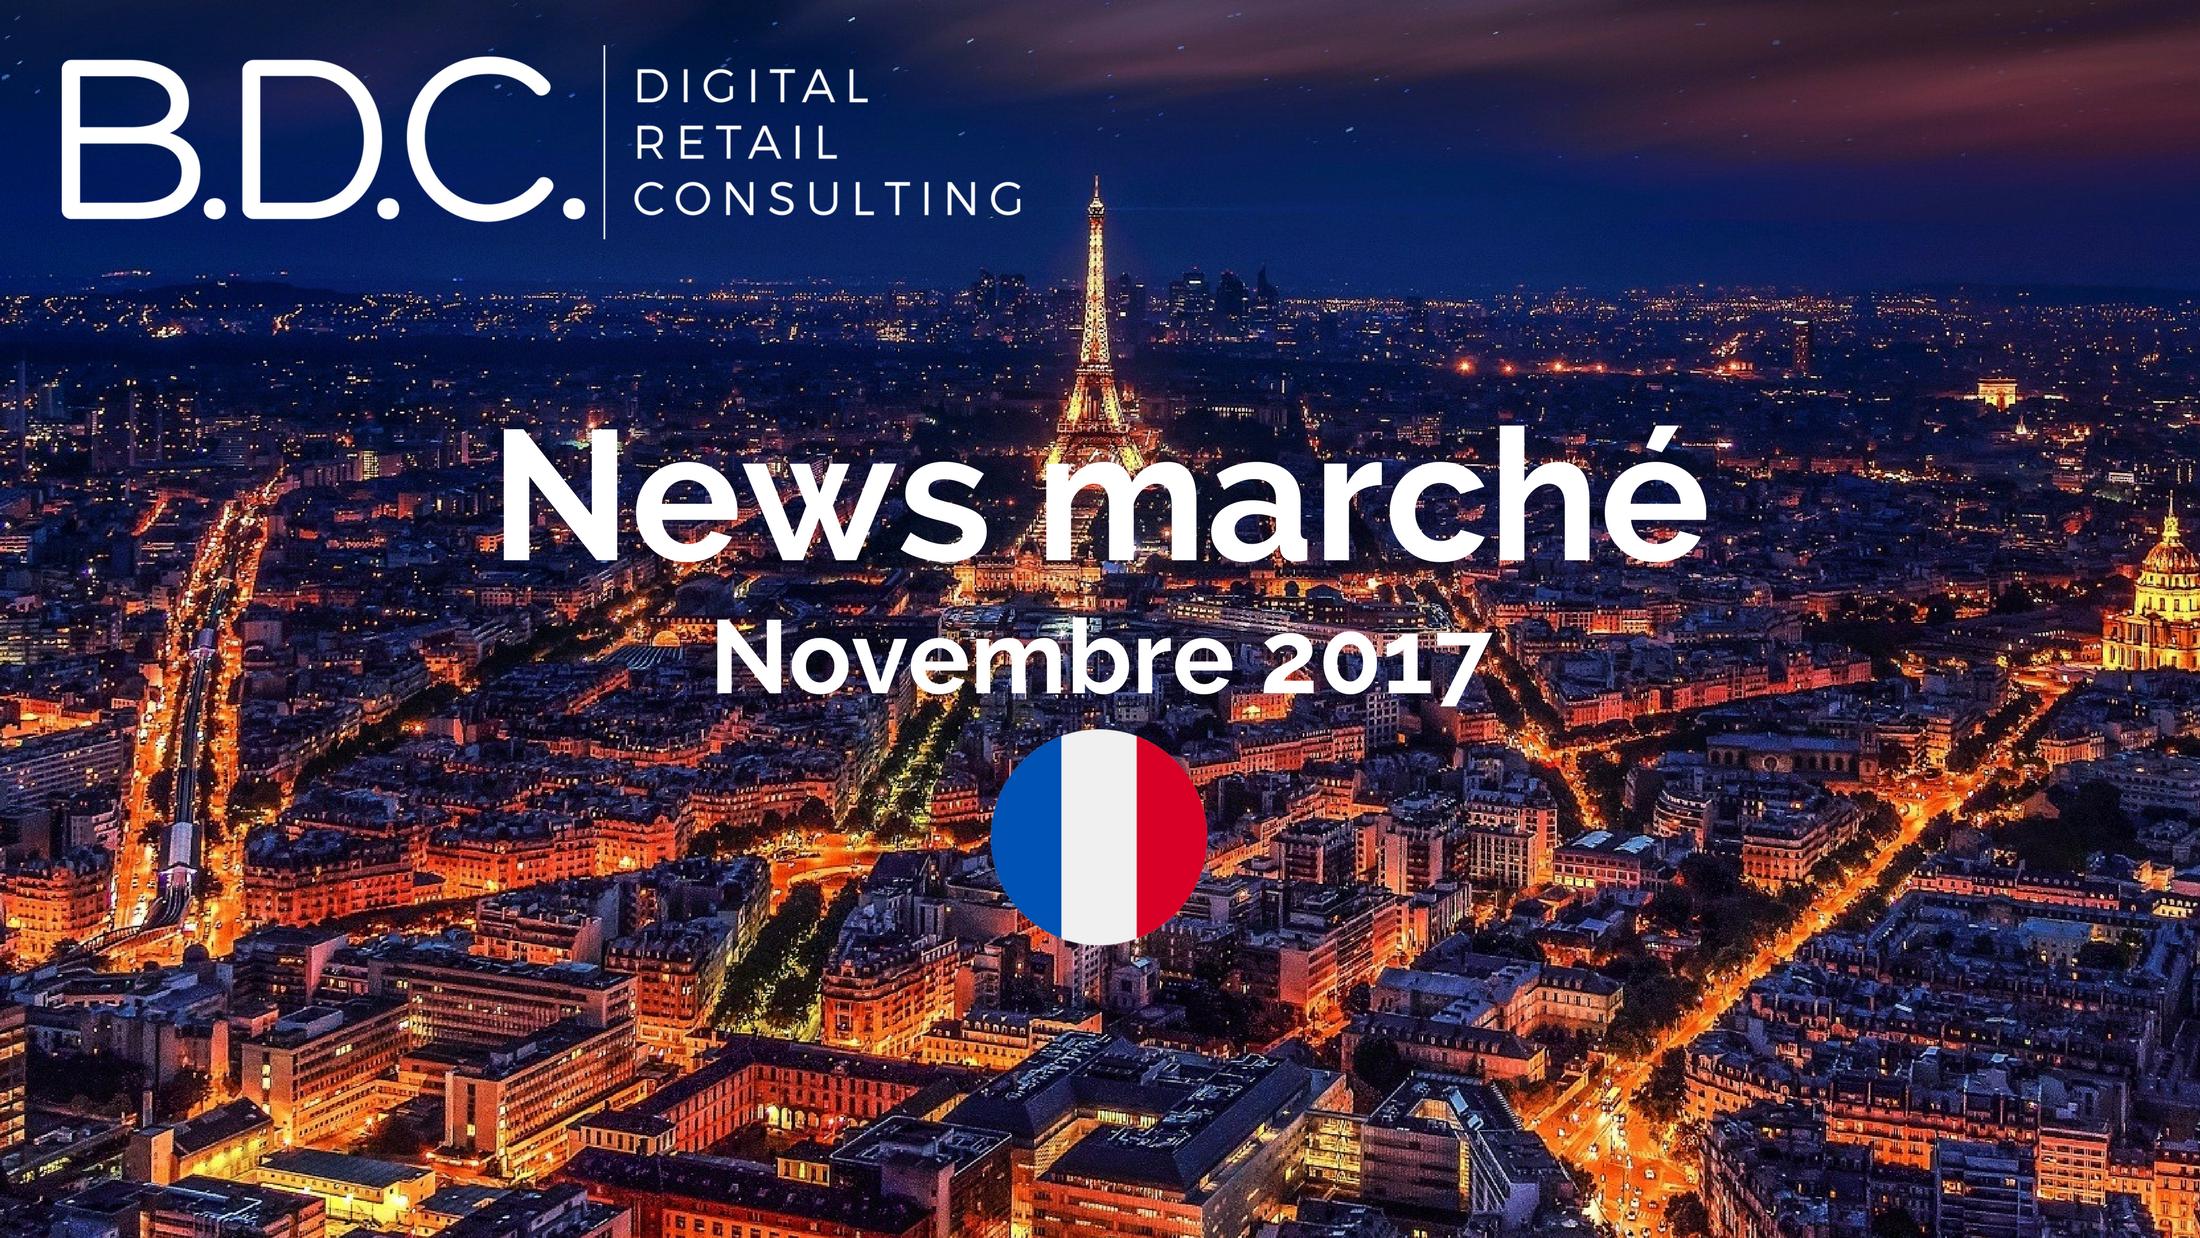 Trends News suite 1 - NEWS MARCHÉ - NOVEMBRE 2017